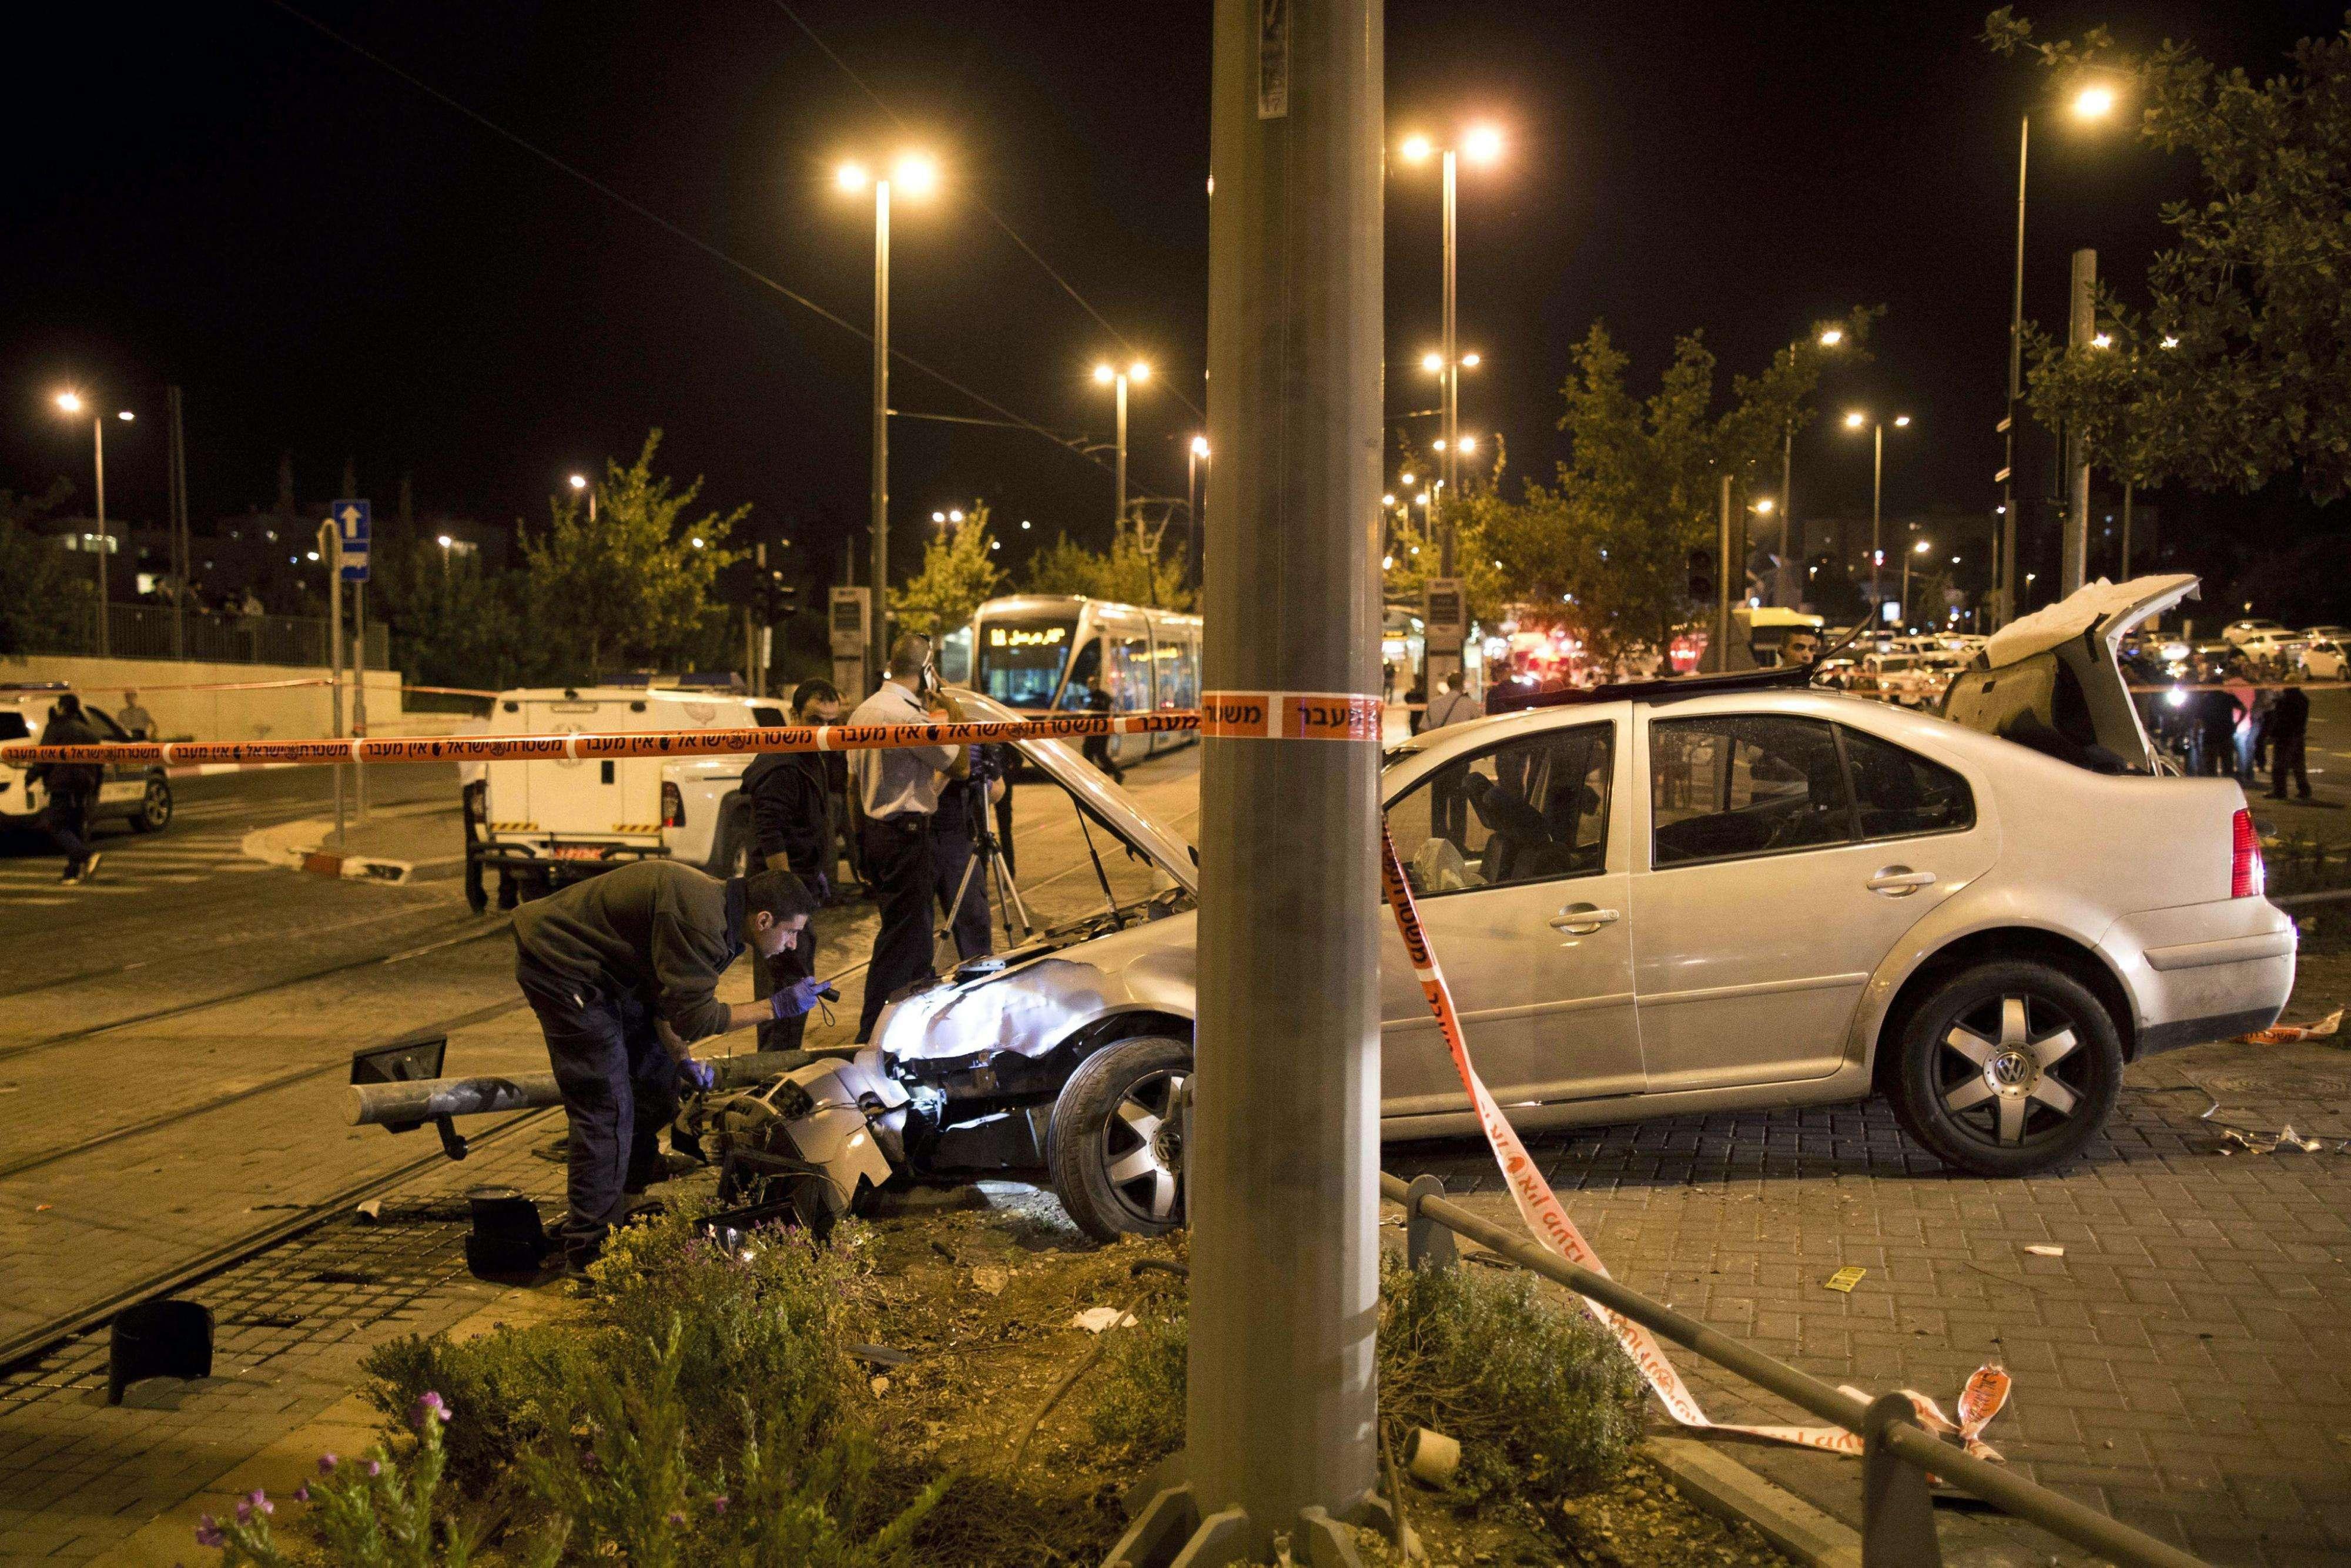 Policías israelíes examinaron el vehículo en el lugar donde éste embistió a un grupo de personas, lo que se cree fue un ataque terrorista. Foto: EFE en español